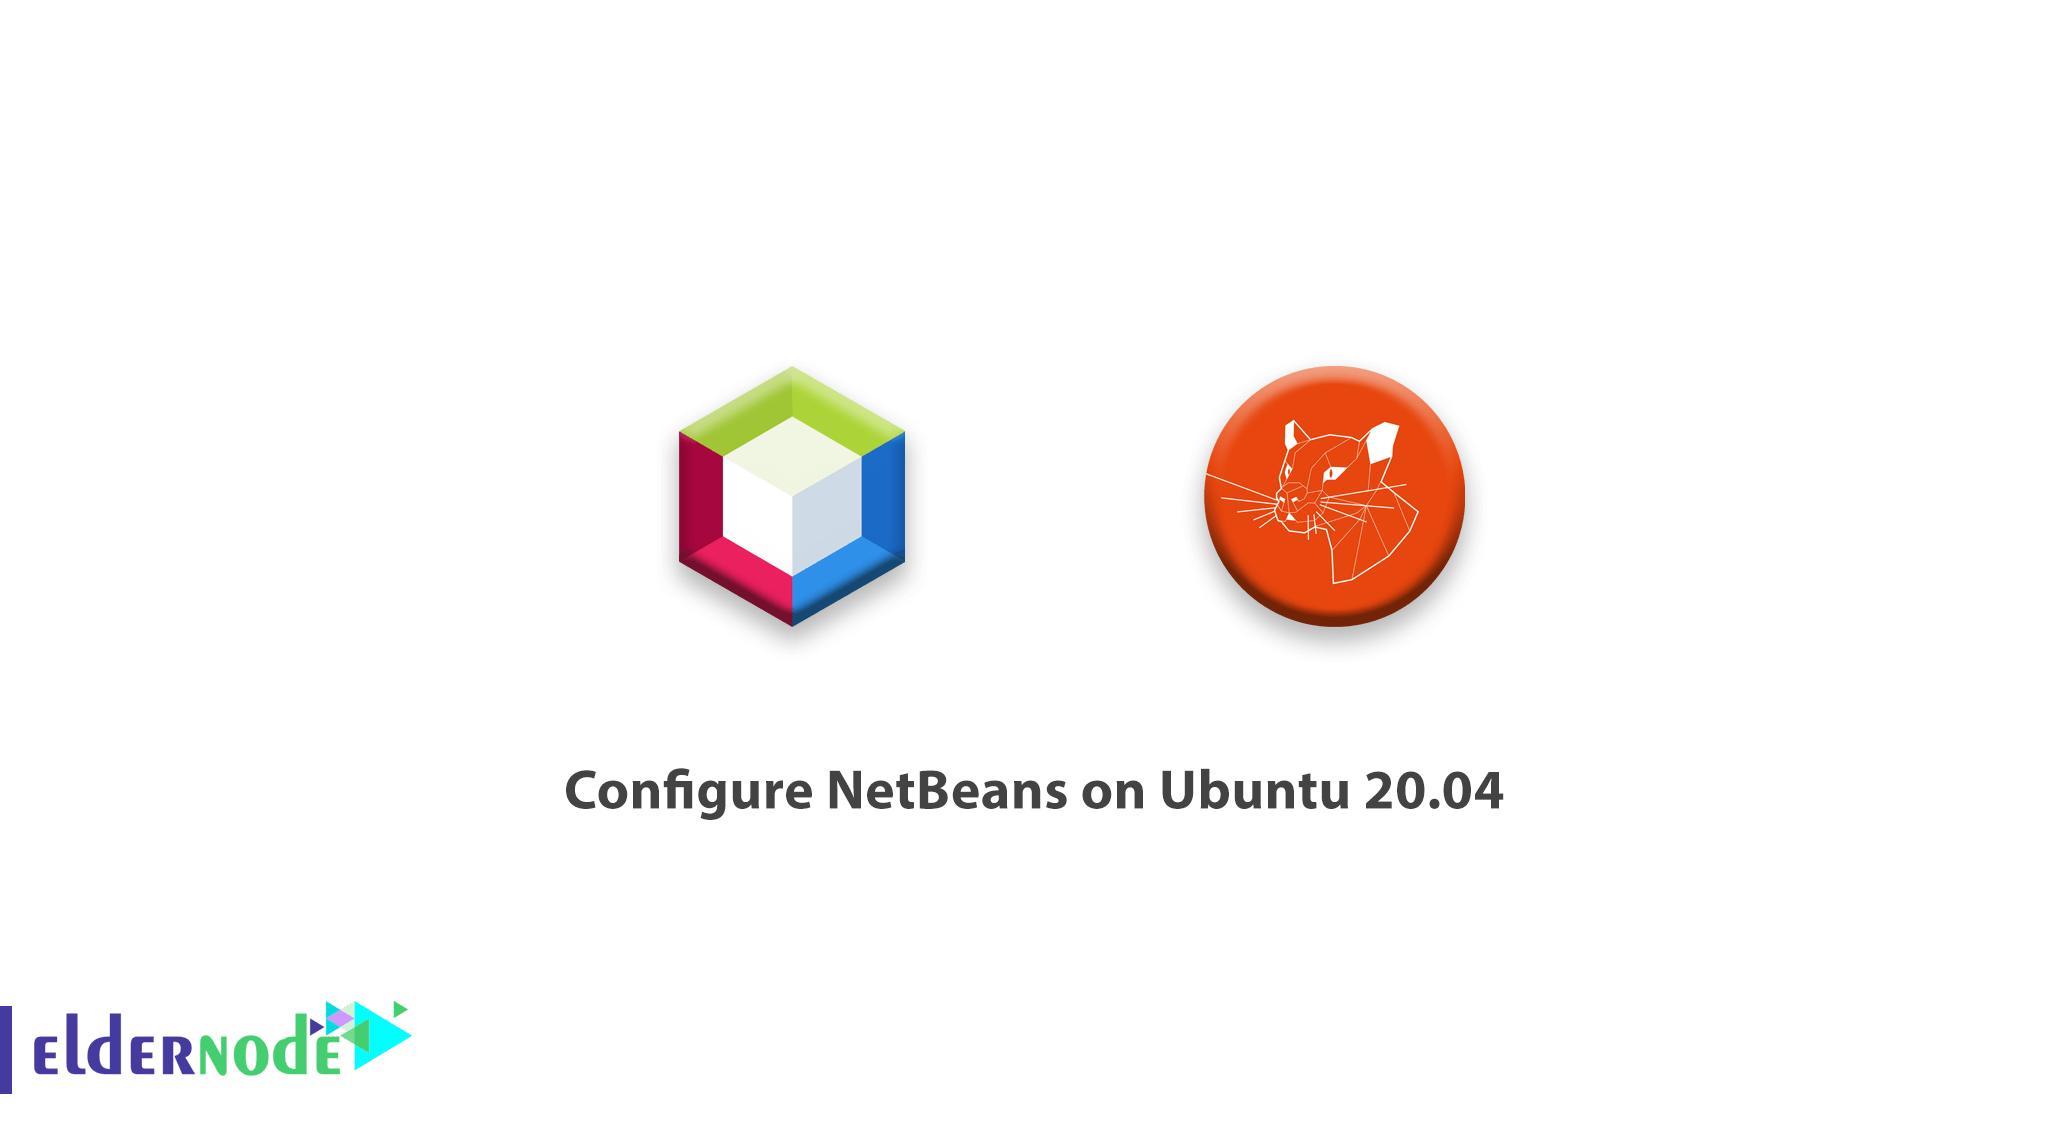 How to Configure NetBeans on Ubuntu 20.04